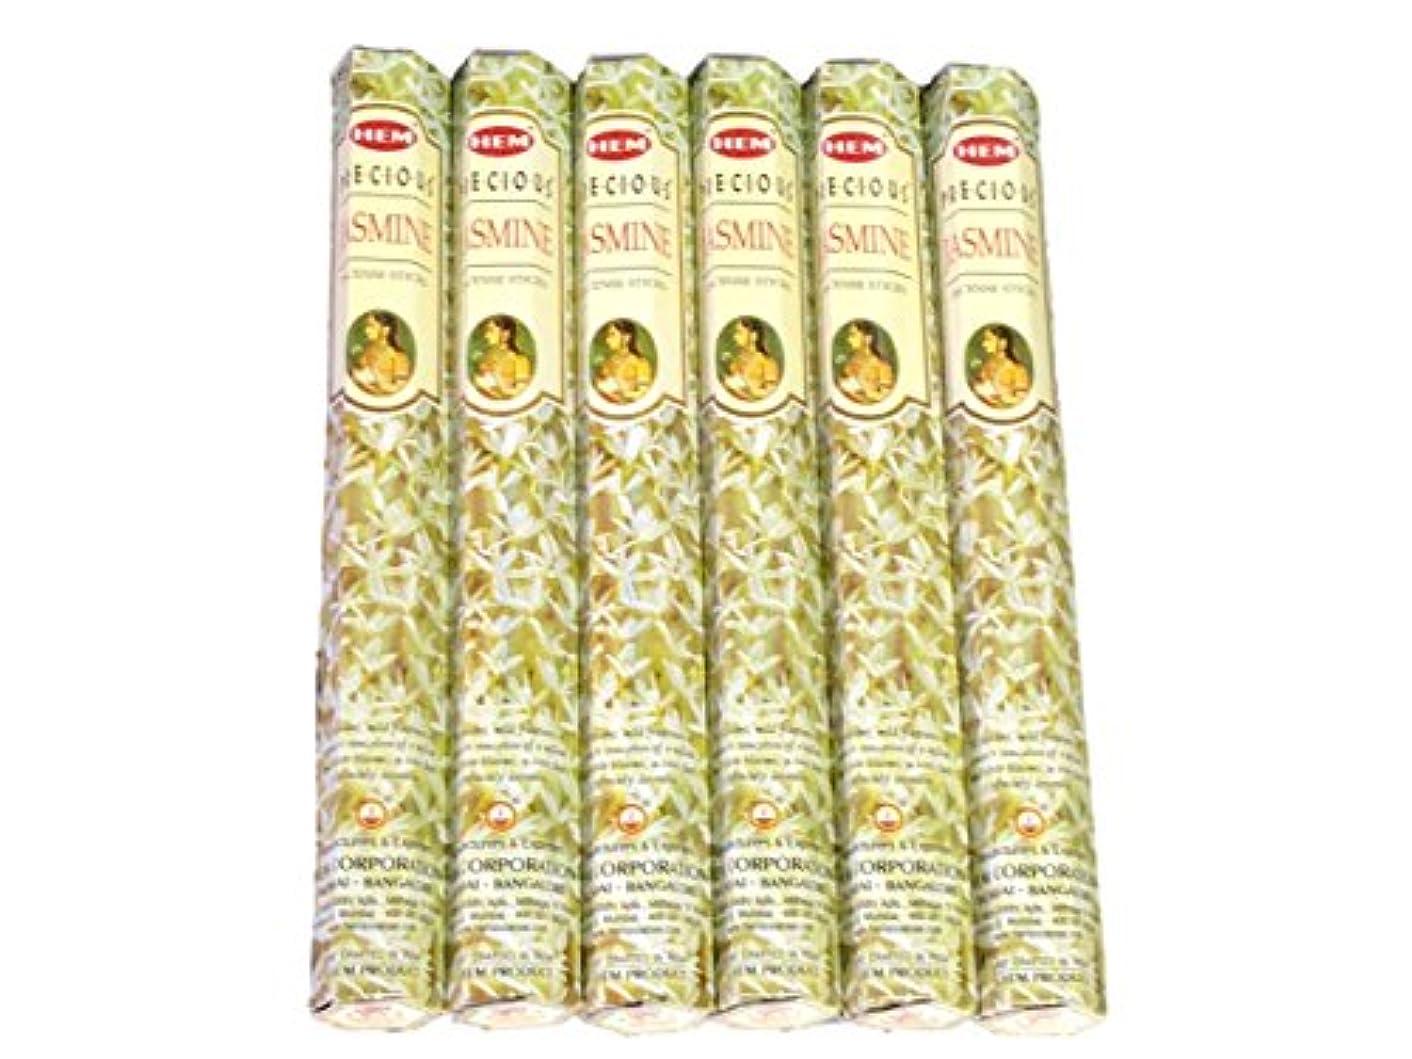 インスタンスしみ酸化するHEM ヘム プレシャスジャスミン PRECIOUS JASMINE ステック お香 6箱